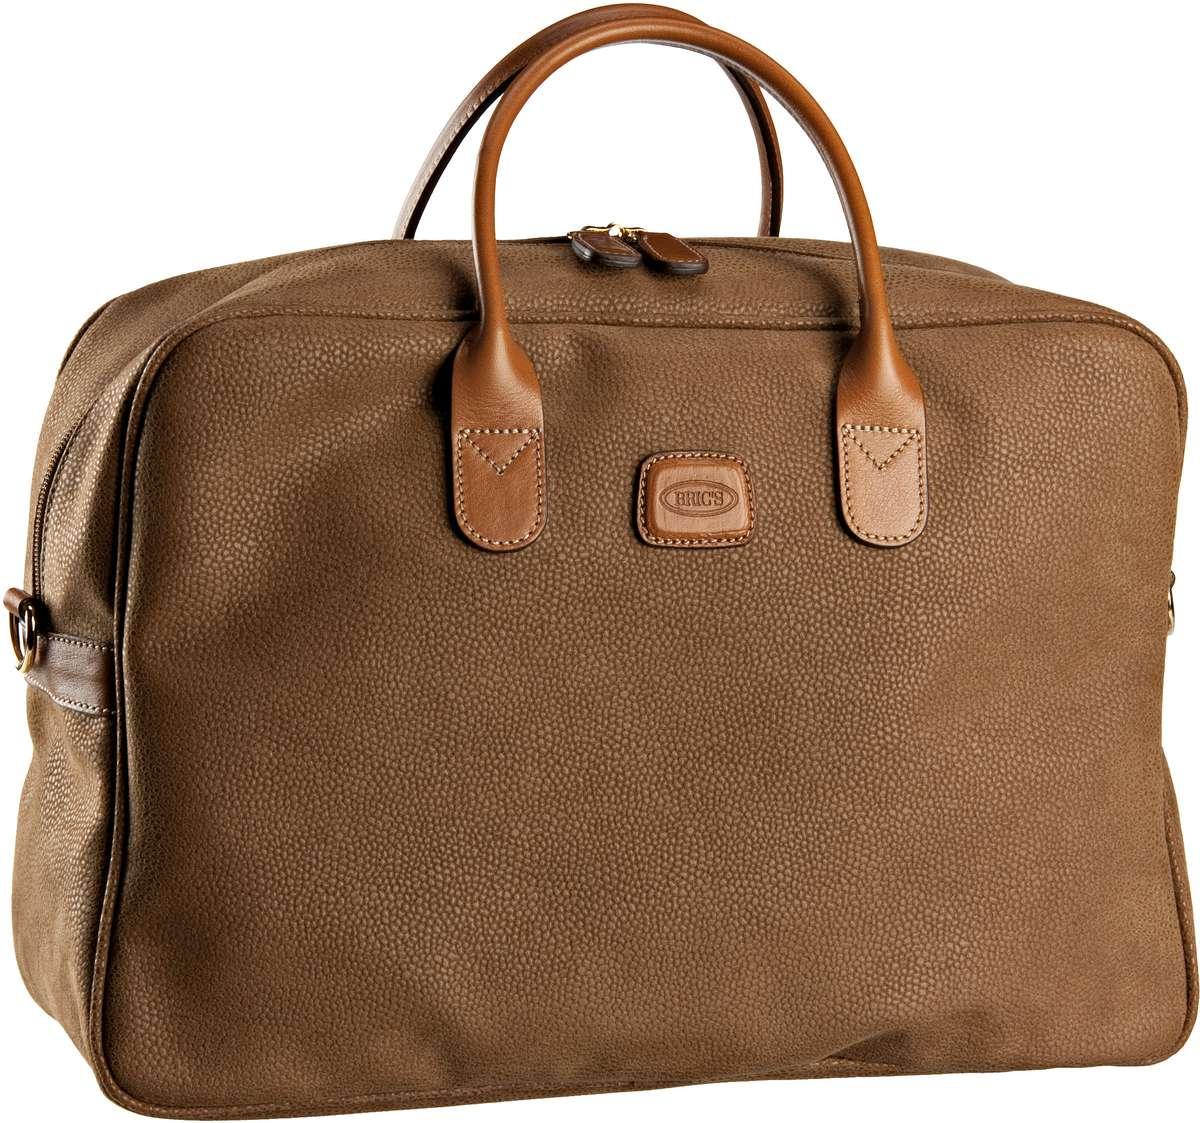 's Handtasche Life Businesstasche Camel